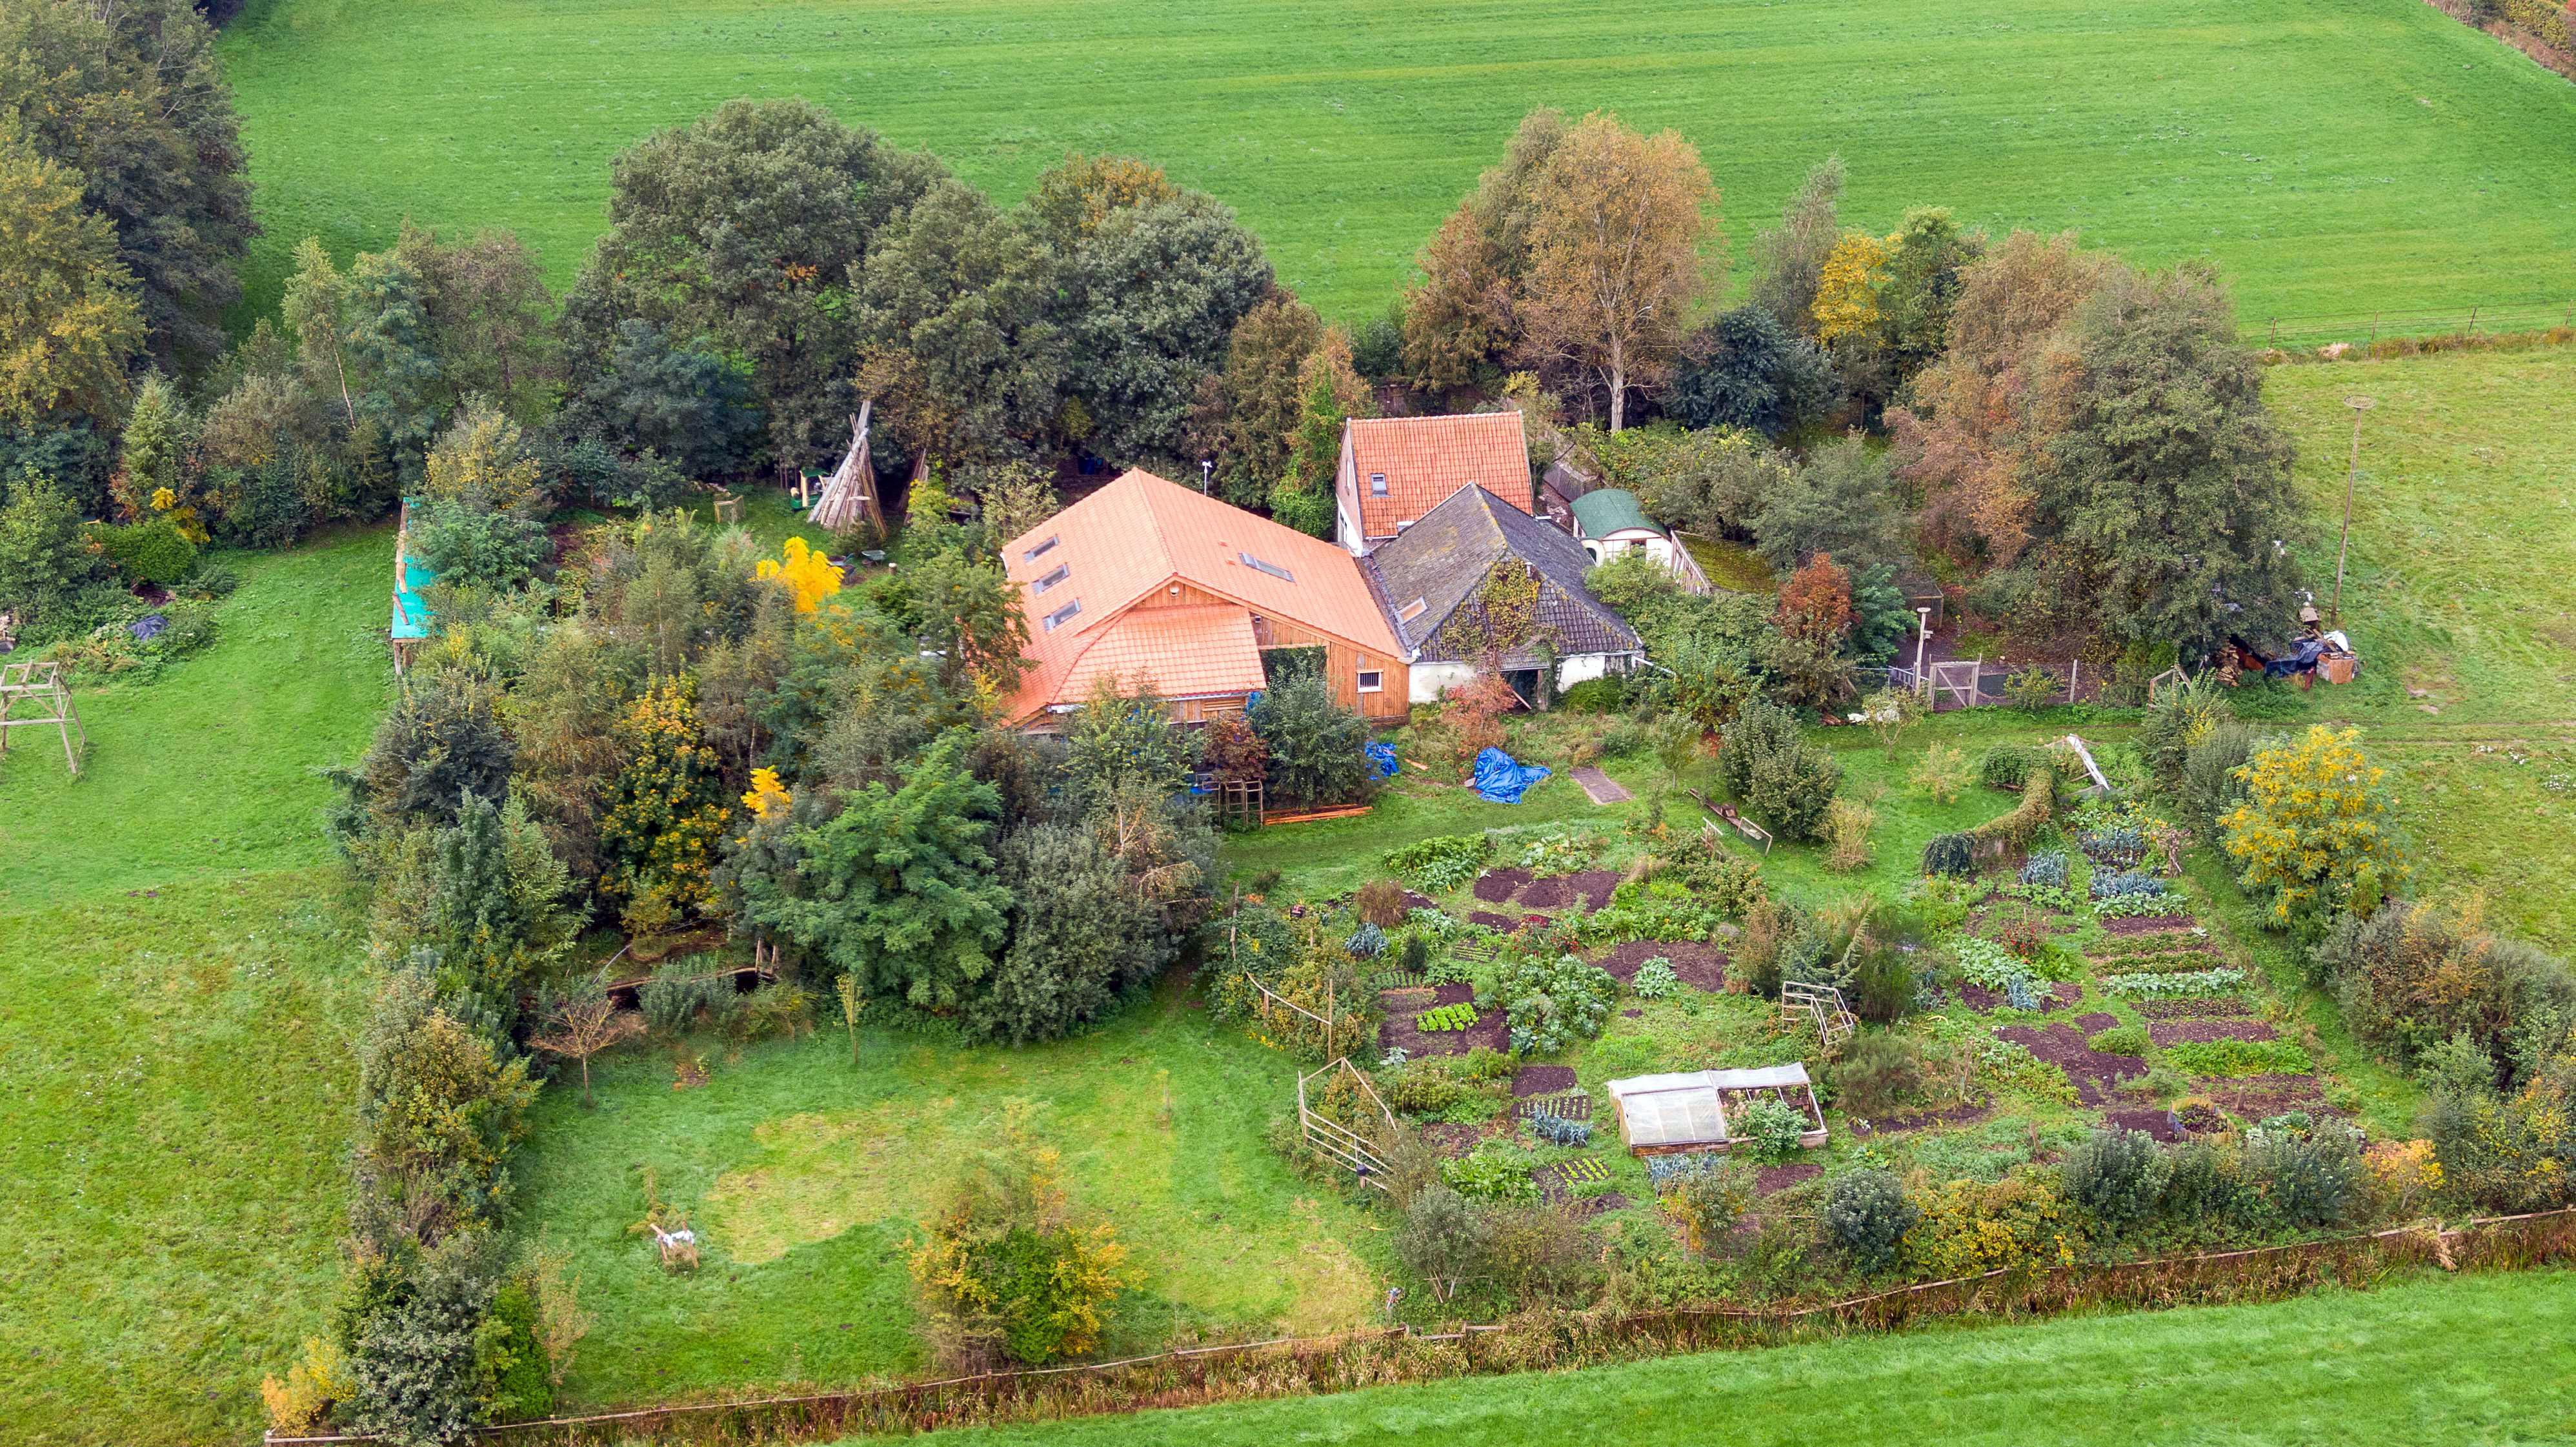 Los vecinos creen que la familia vivía de los alimentos cultivados en la granja.